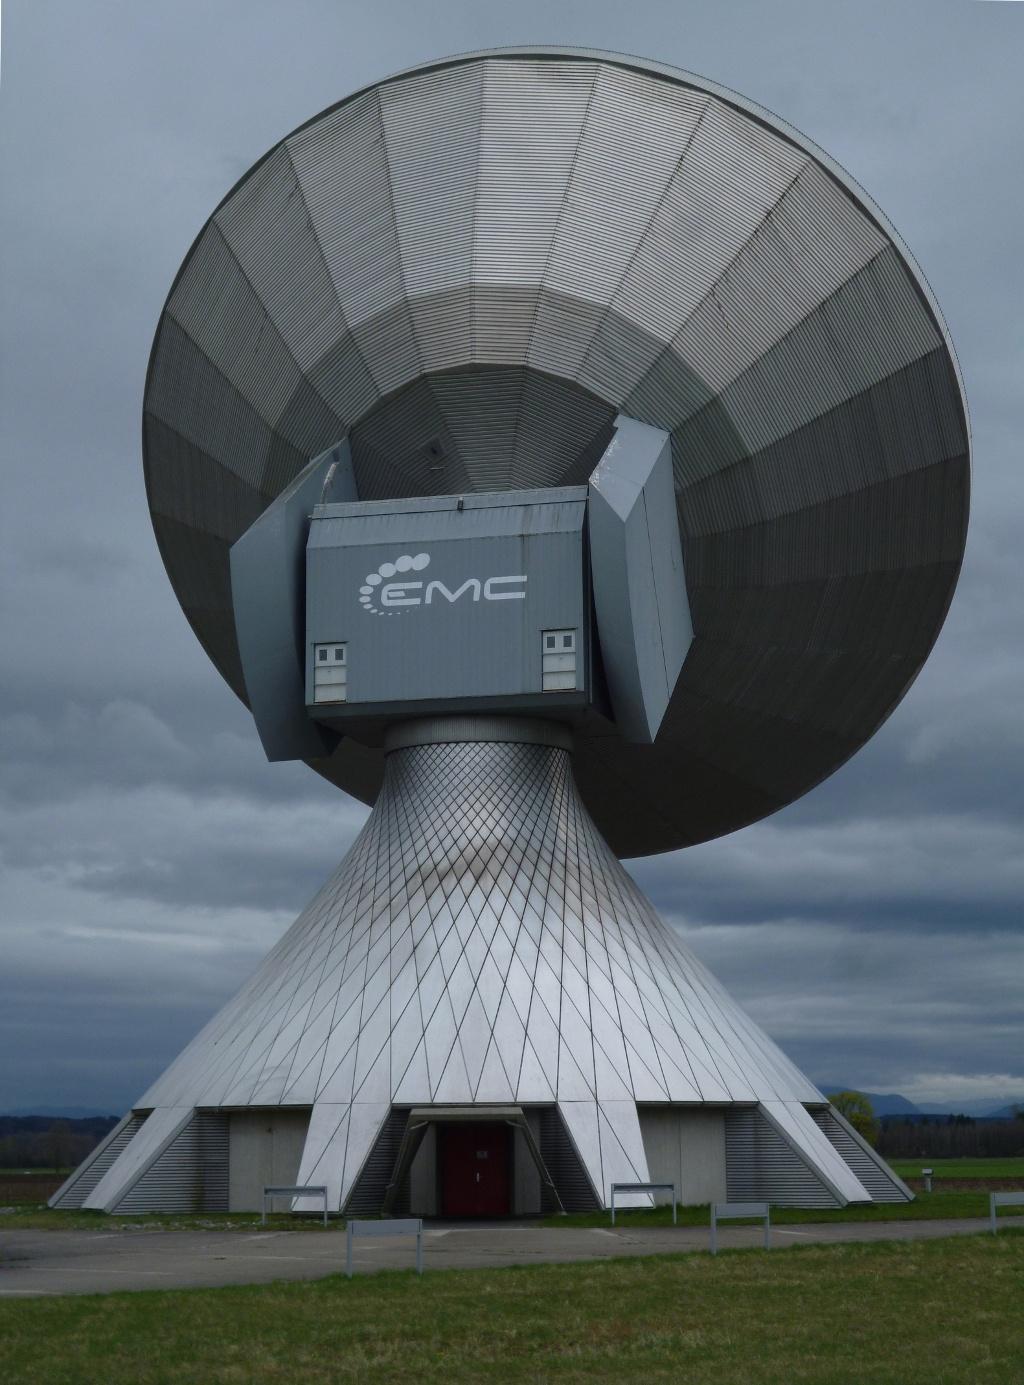 Ganz nah führt der Weg an den überdimensionalen Antennen vorbei, mittels derer der Kontakt zu den Satelliten hergestellt wird. (Monika Heindl)